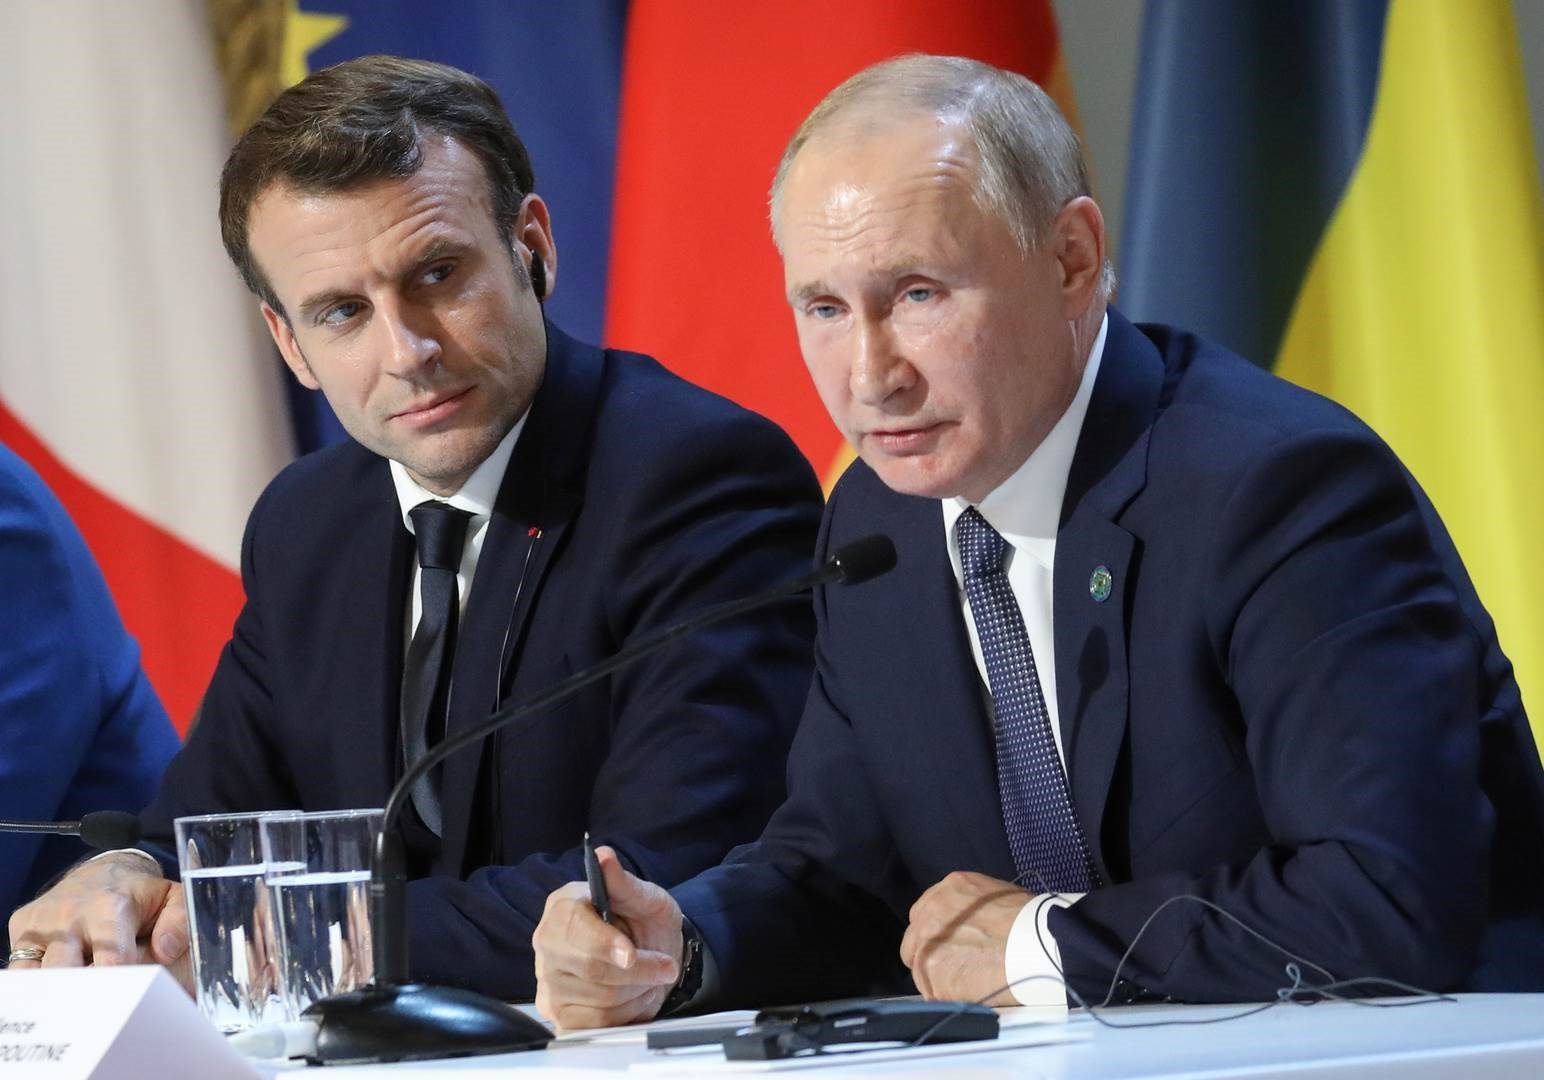 الرئيس الروسي فلاديمير بوتين يجلس بجانب نظيره الفرنسي إيمانويل ماكرون (أرشيف)